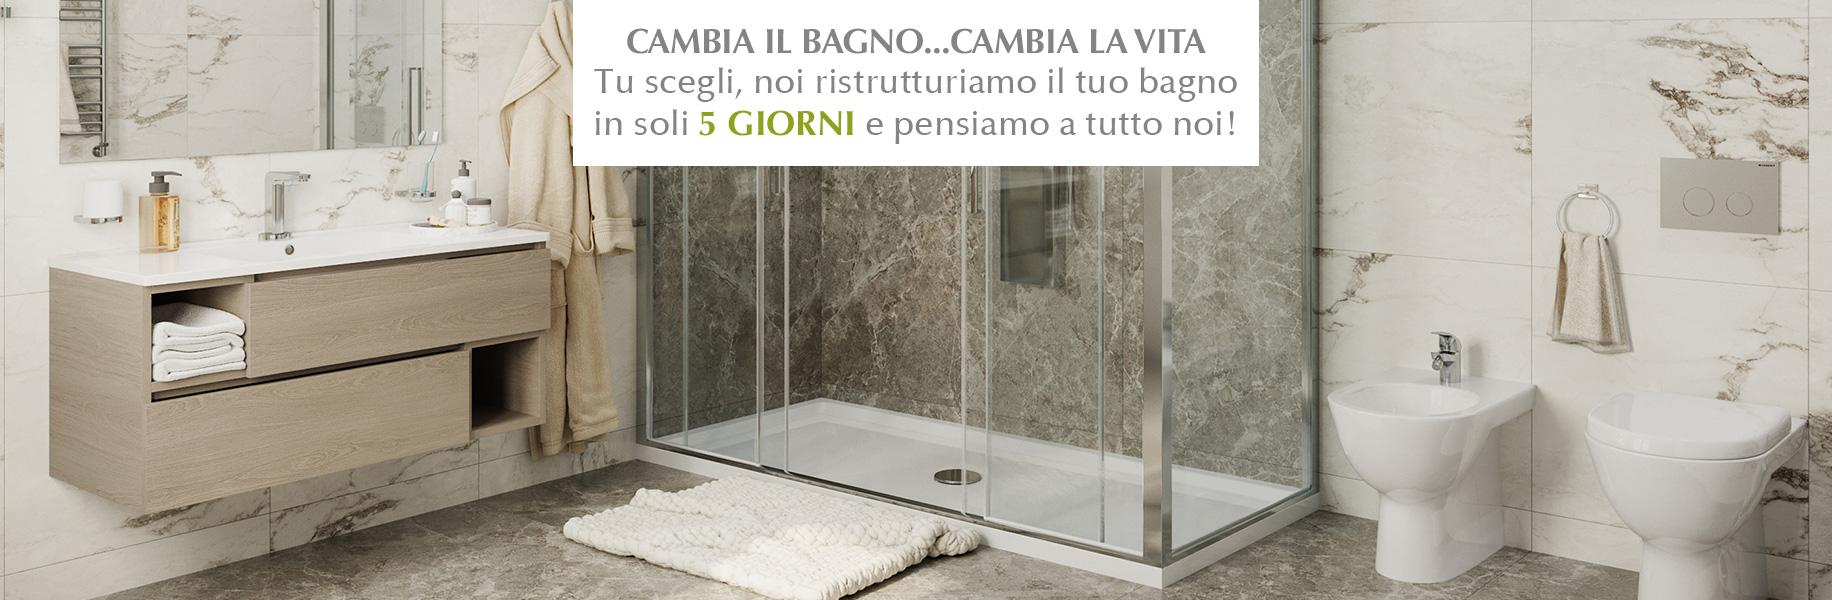 Accessori Bagno Torino E Provincia : Mobili bagno torino e provincia